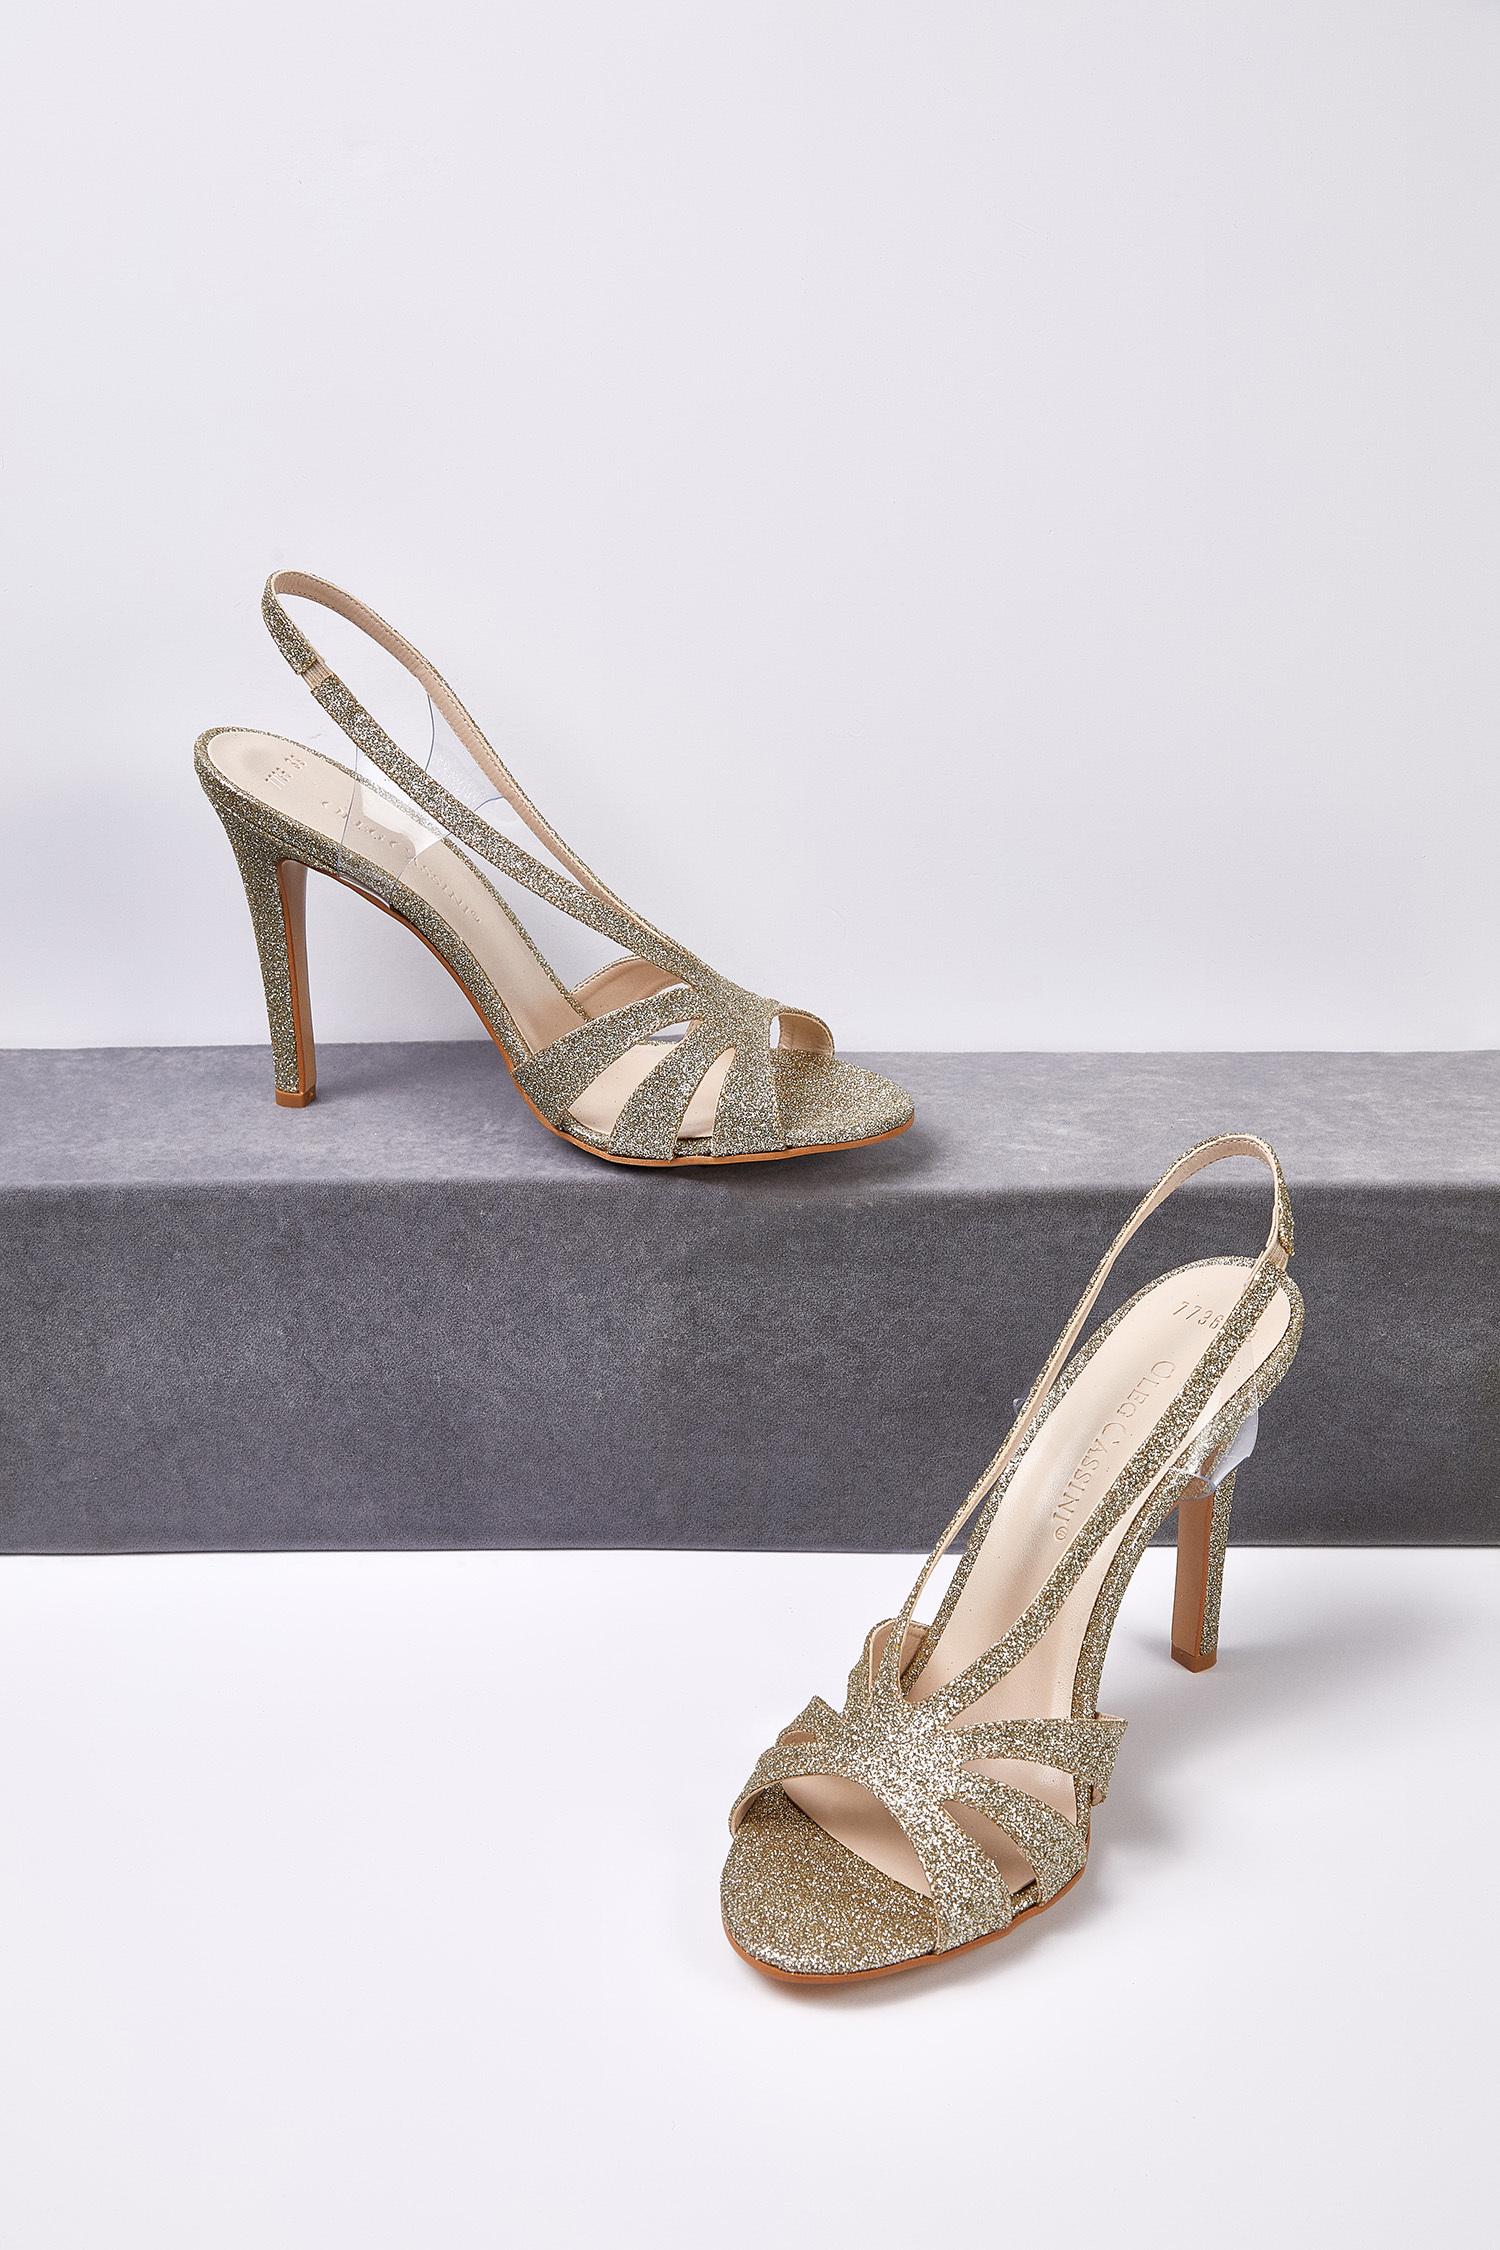 Gold Rengi Taşlı Topuklu Abiye Ayakkabısı